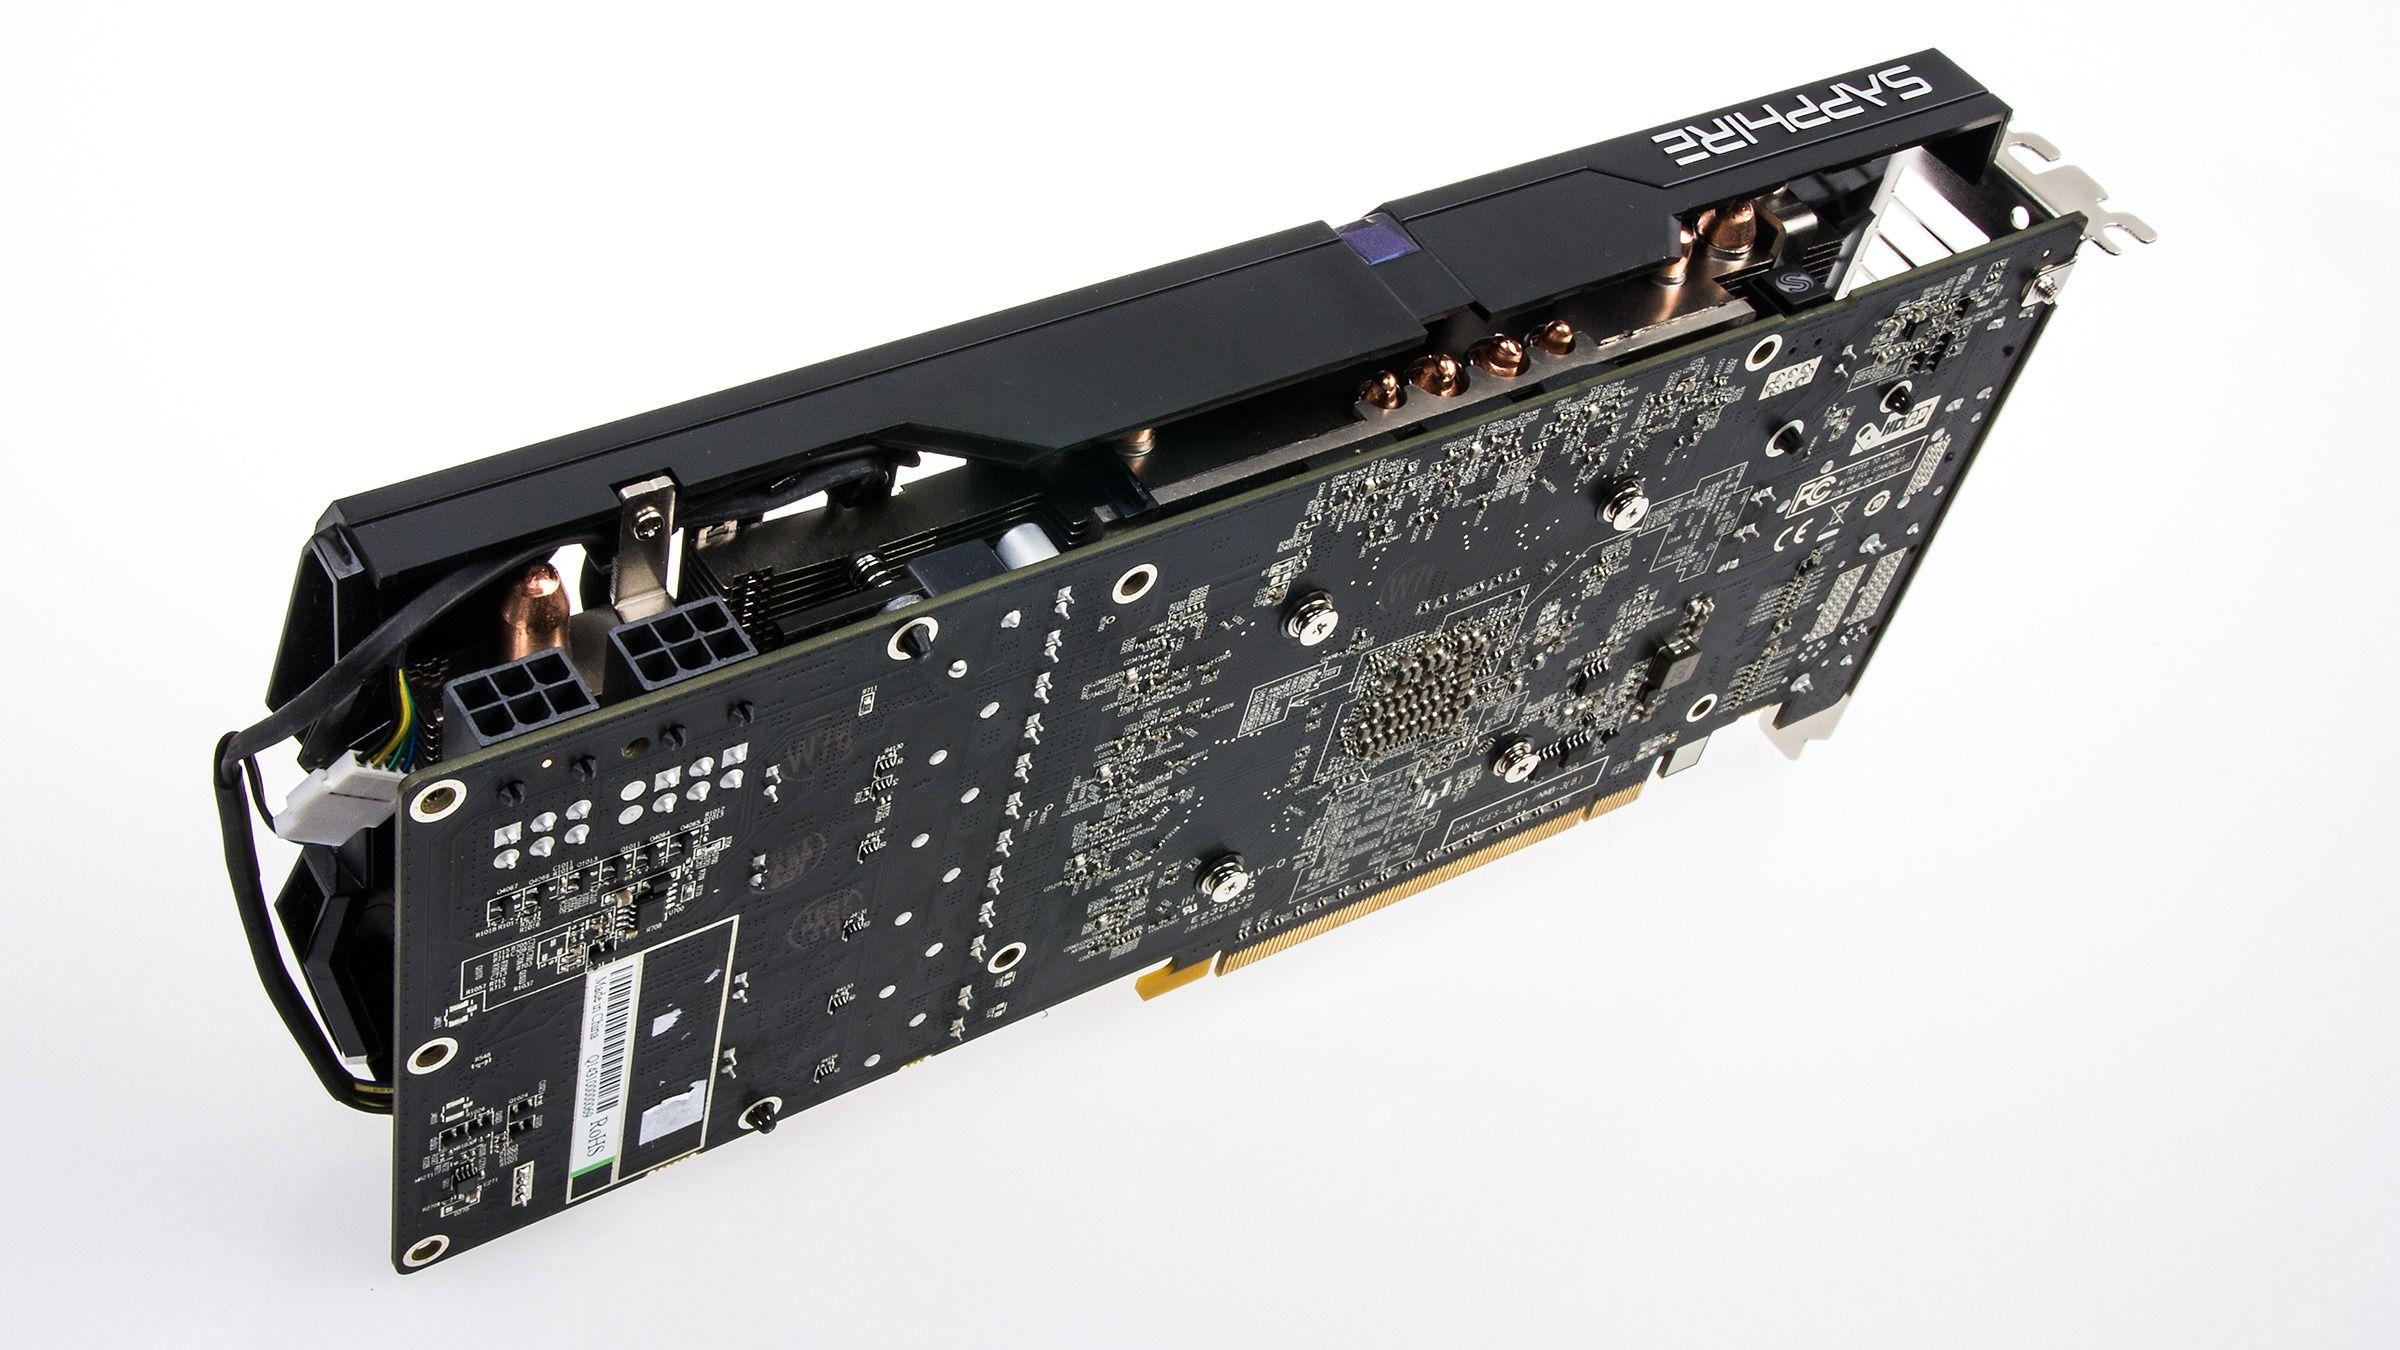 Det nye skjermkortet trenger to 6-pins PCI-E-strømkontakter for å fungere.Foto: Varg Aamo, Tek.no